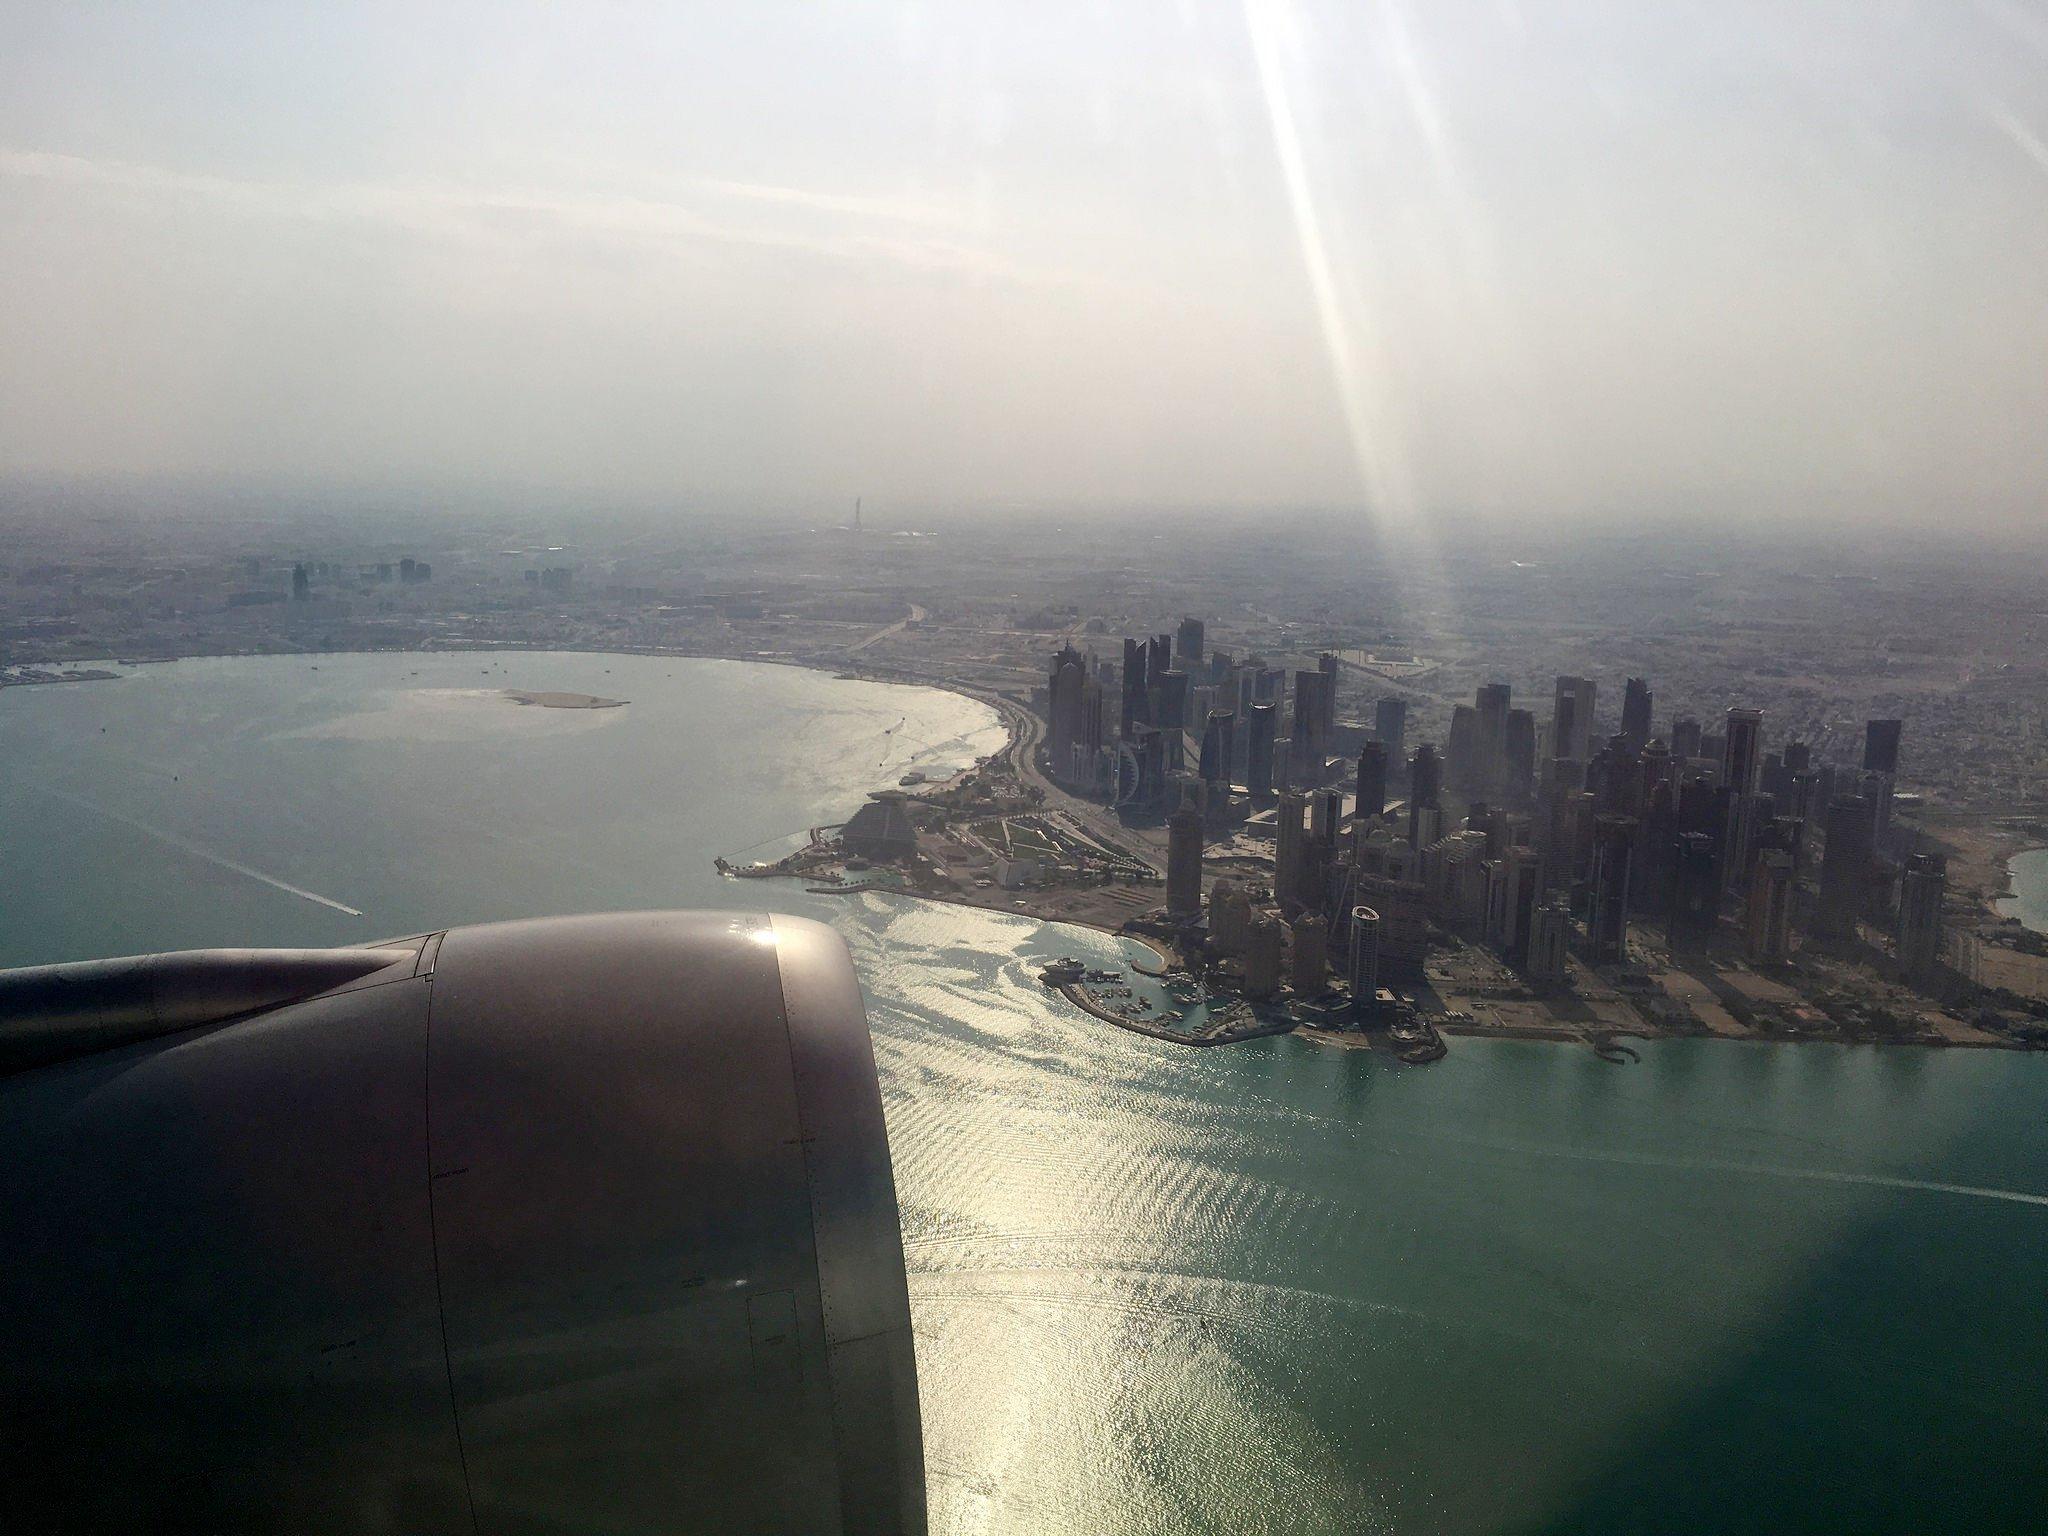 МВД Катара сообщило первые результаты расследования хакерской атаки